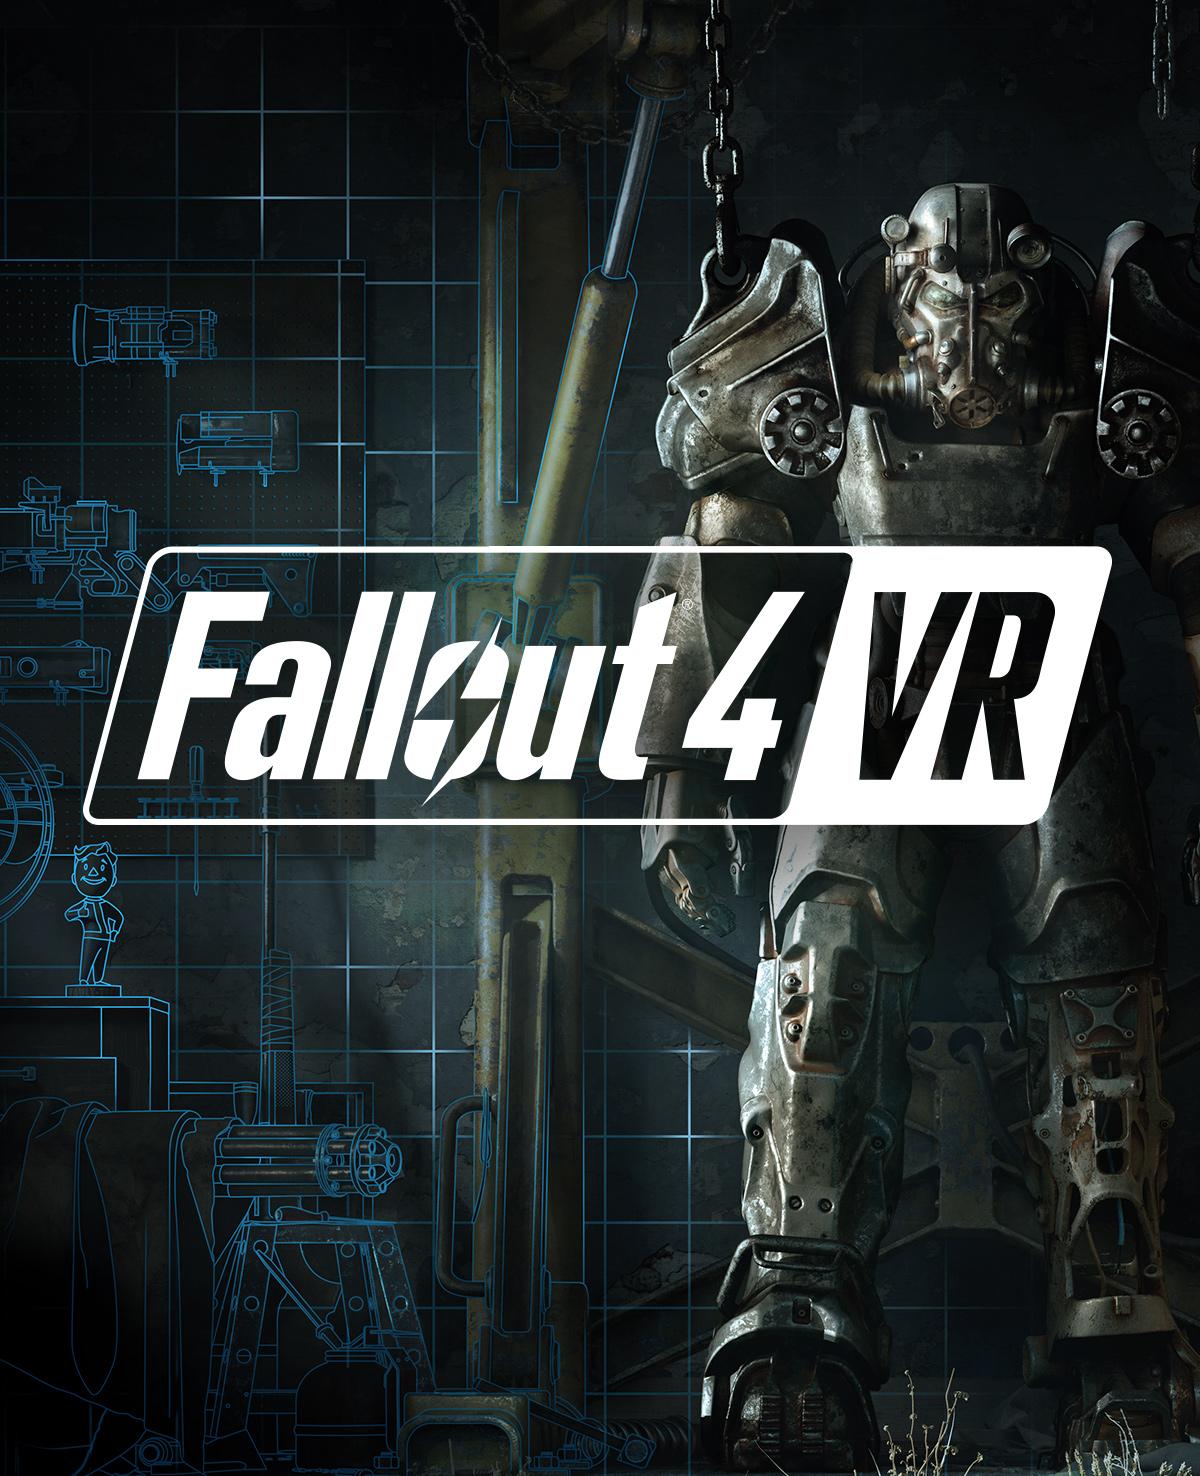 폴아웃 4 VR | minimap.net